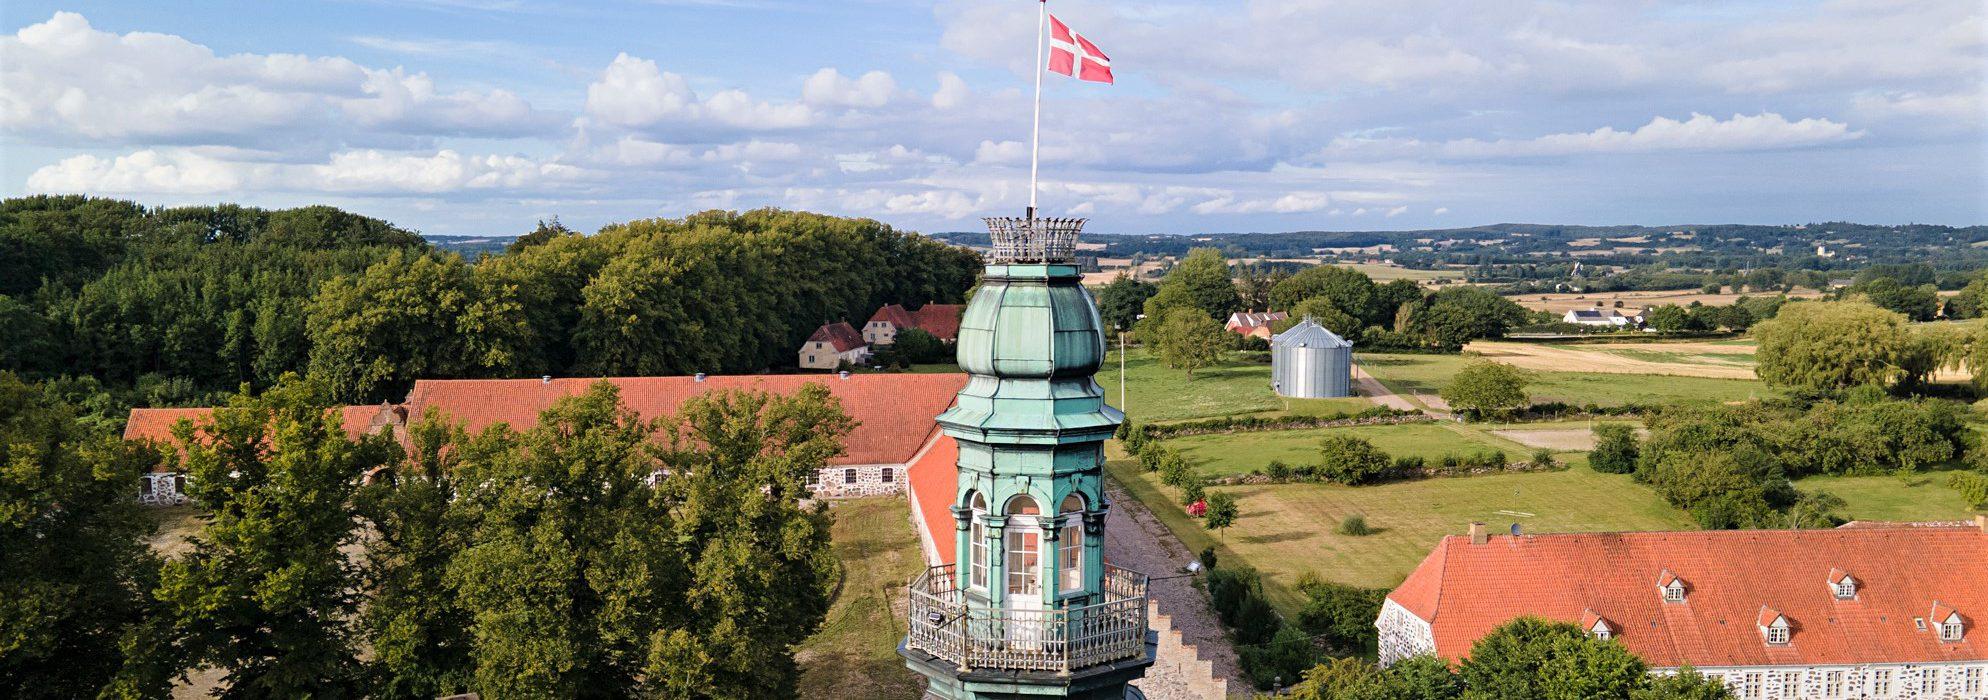 Hvedholm Slot Tårn